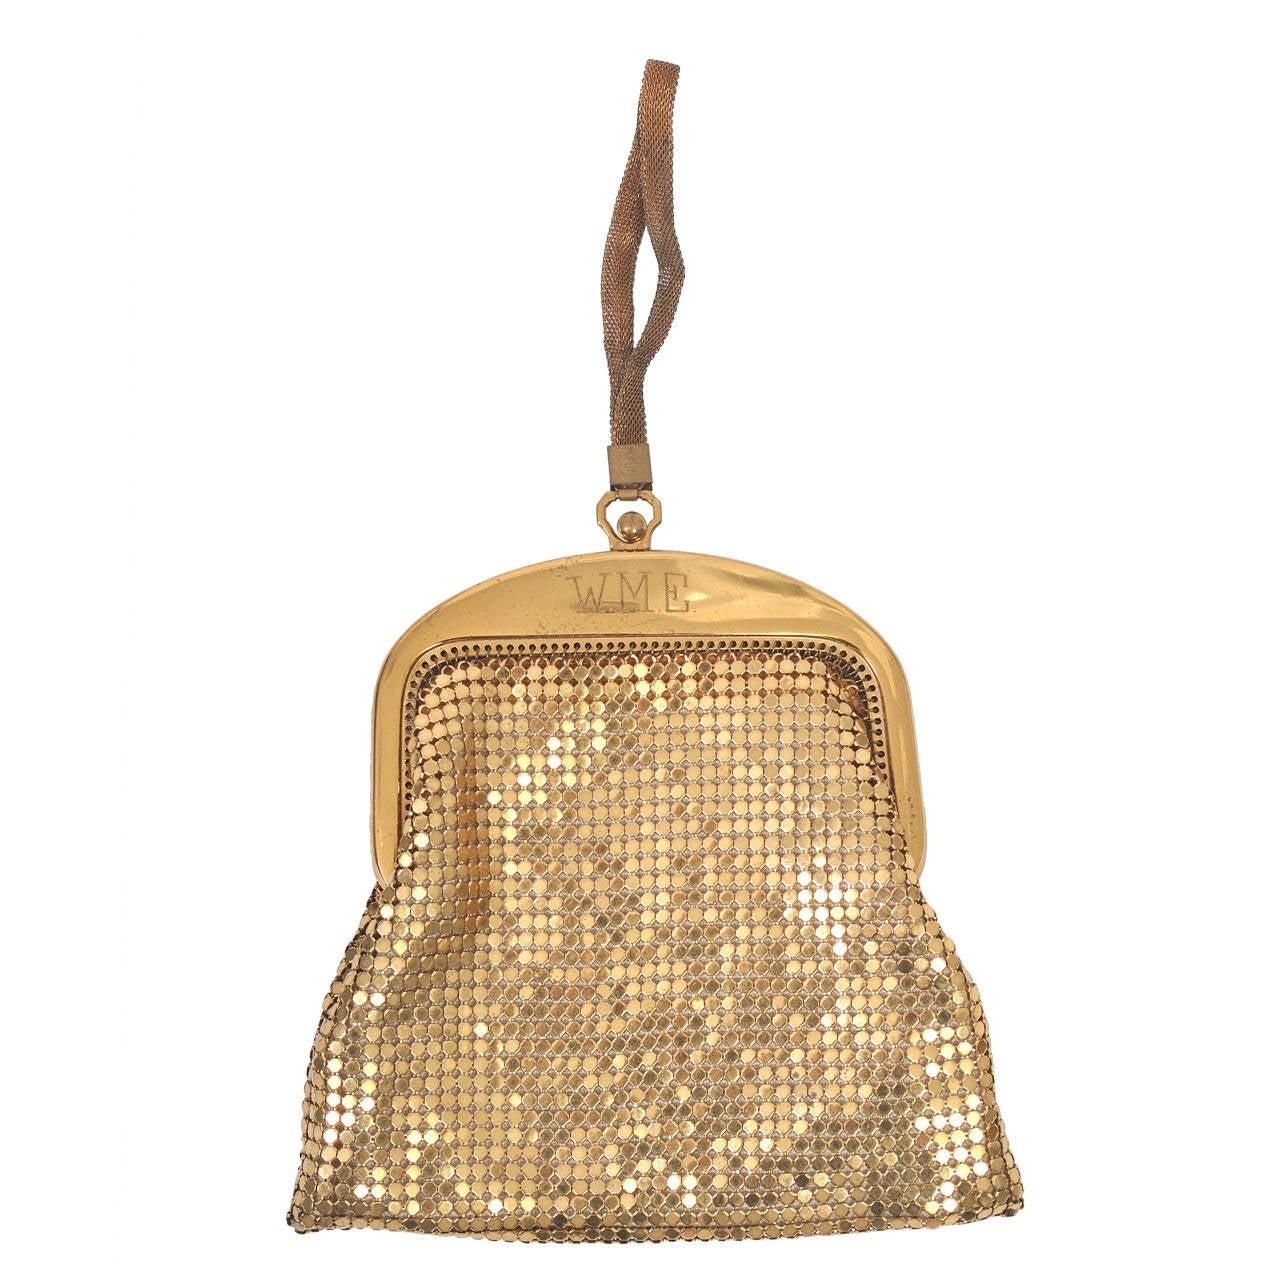 Whiting & Davis Gold Mesh Bag